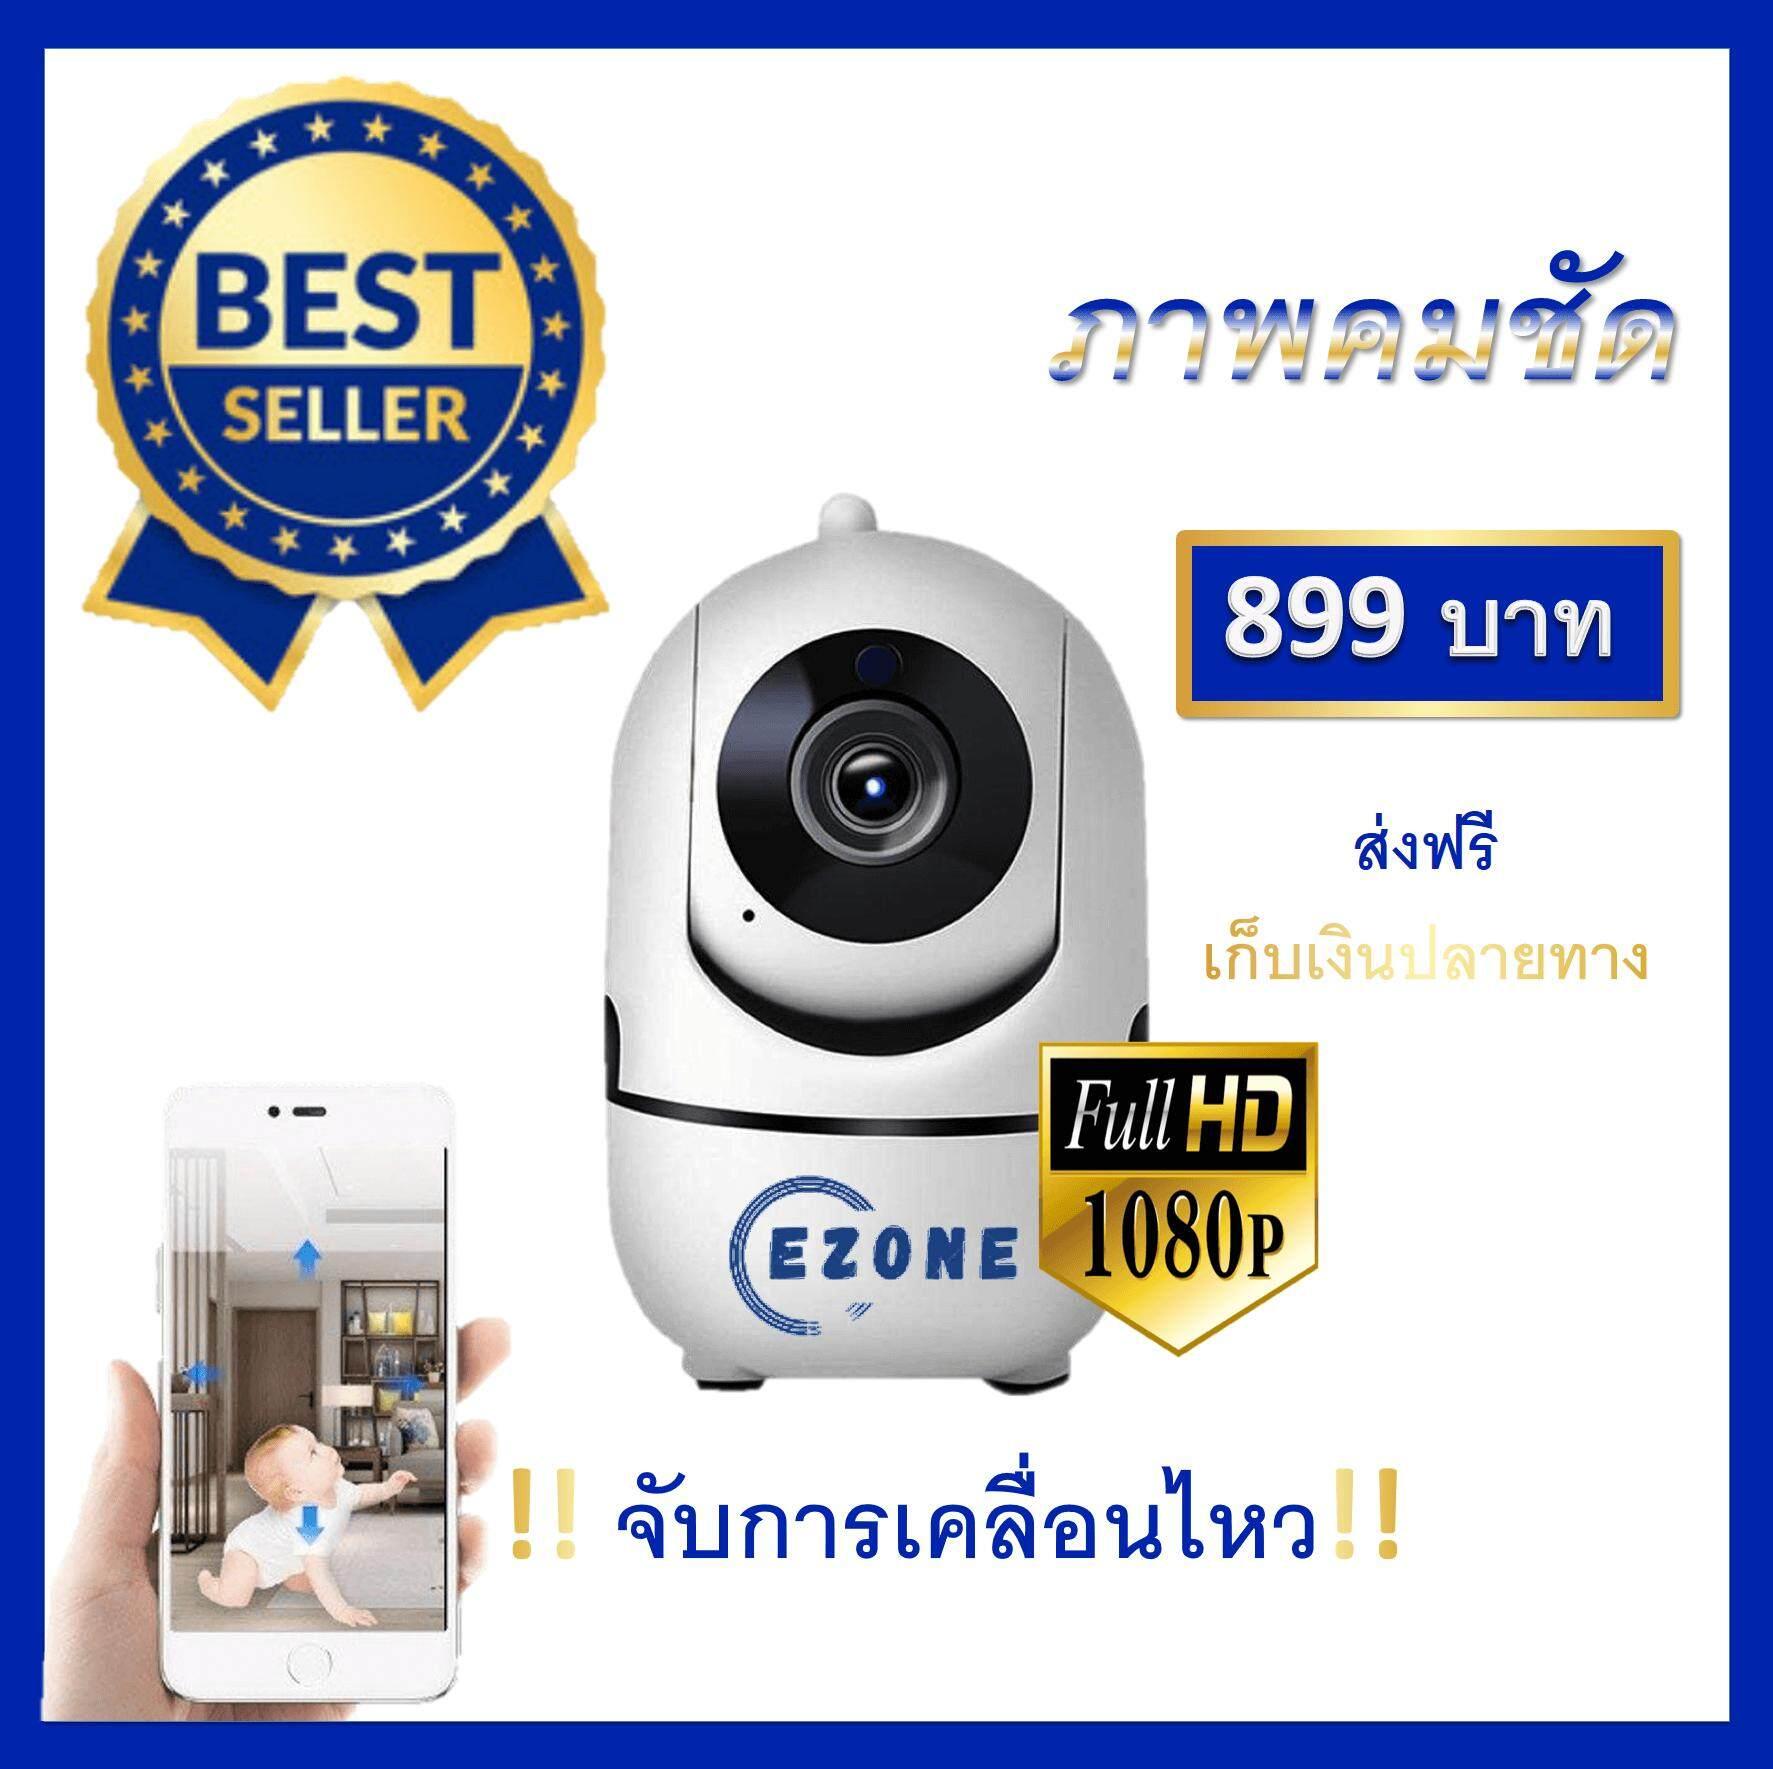 กล้องวงจรปิดไร้สาย Ip Camera Cctv Hd หมุดได้ 360 องศา ขนาดเล็กจิ๋ว จับการเคลื่อนไหว กล้อง อินฟาเรด ระยะไกลแบบ Real Time ผ่านโทรศัพท์มือถือ ติดตั้งง่าย มีคู่มือภาษาไทย ราคาถูก แอบถ่ายพวก ก่อกวน ลูกน้อง แฟน กิ๊ก คนร้าย เพื่อนรักหักเหลี่ยมโหด จับทุจริต โขมย.